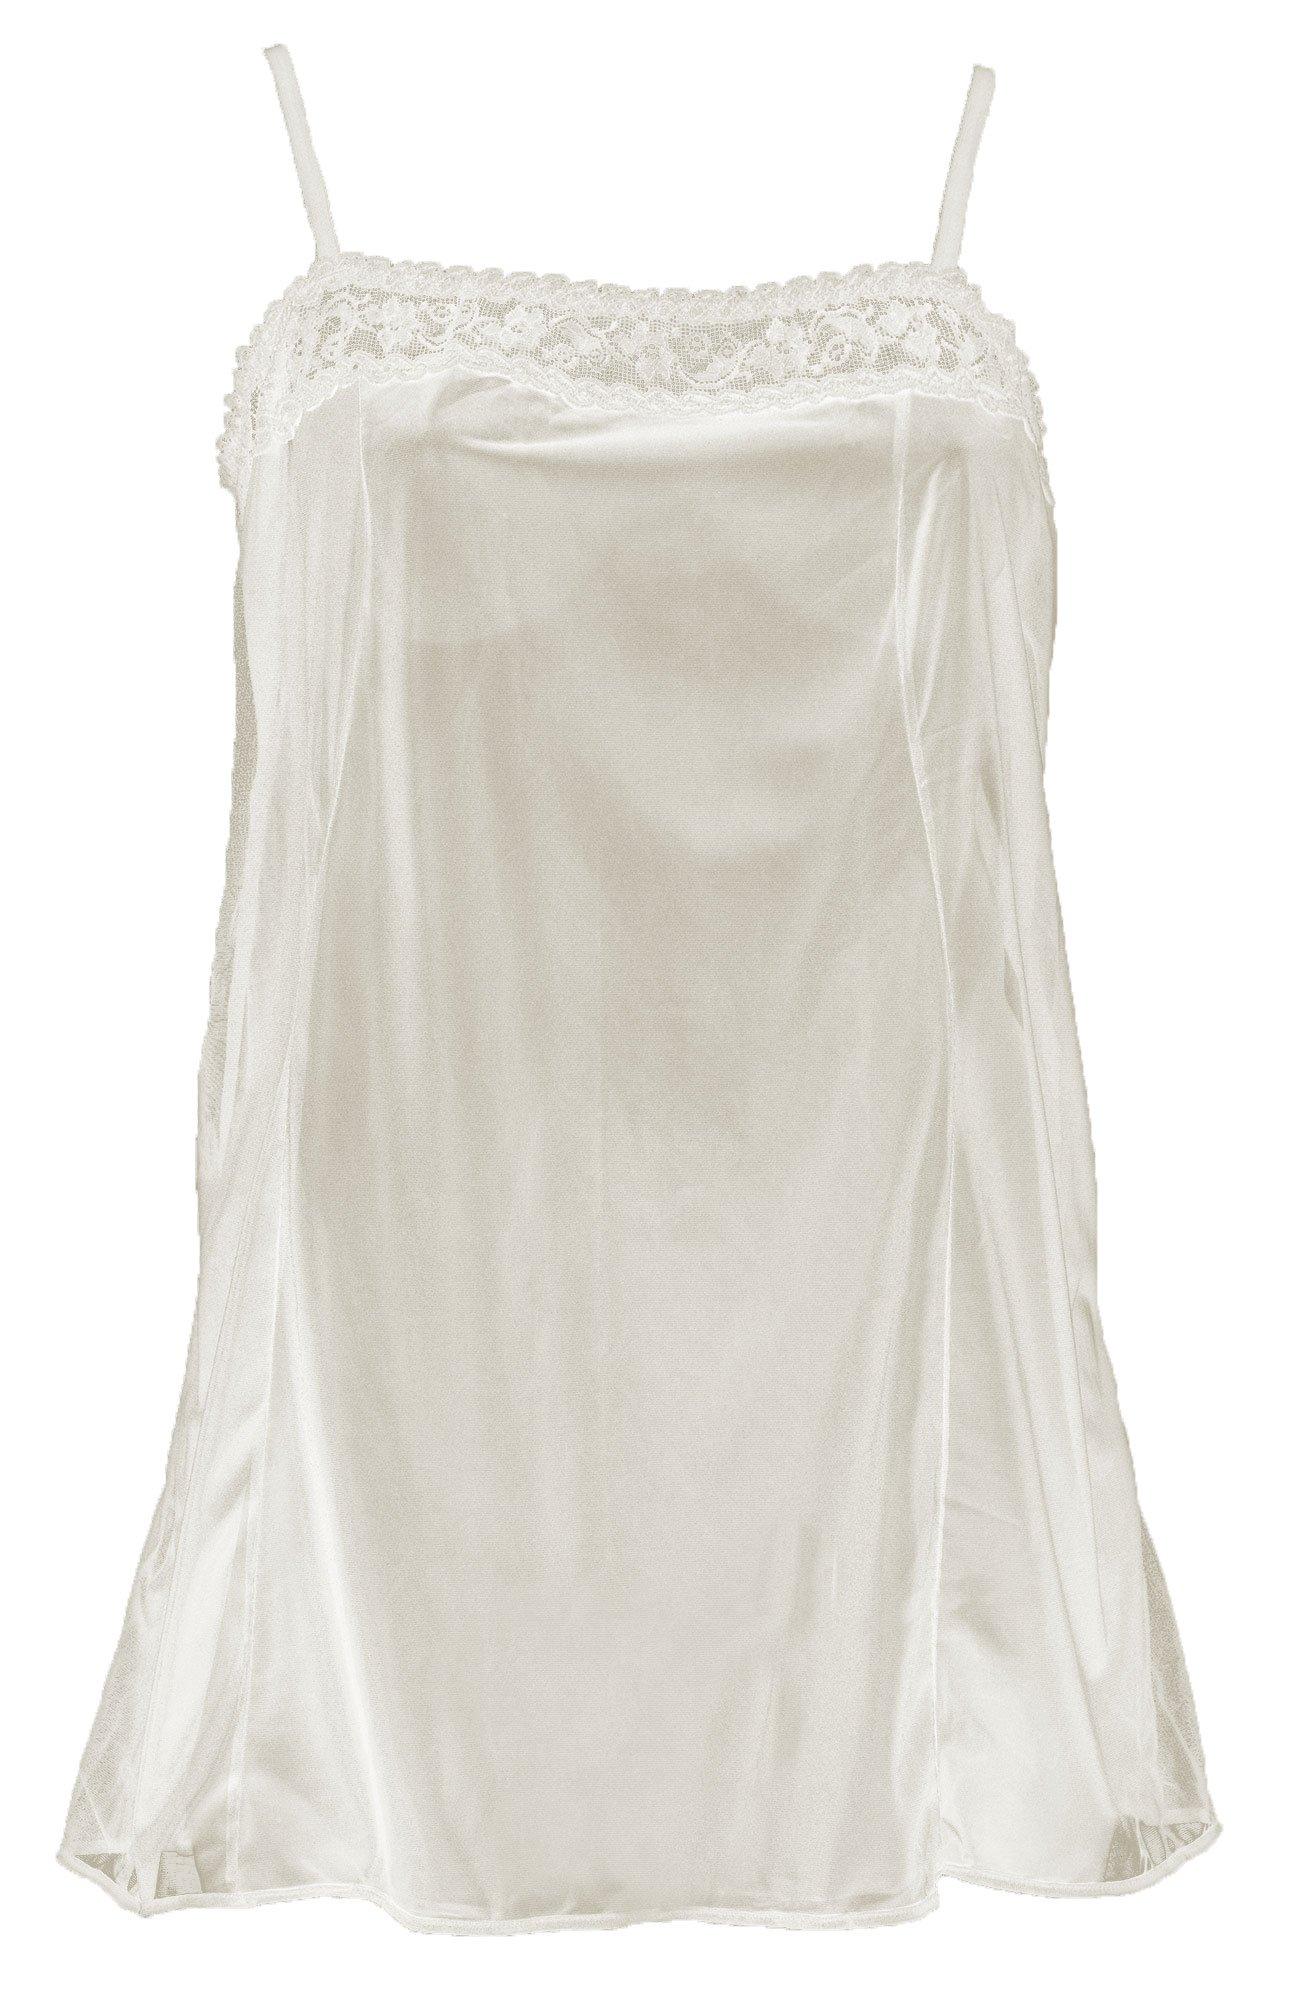 Plaisir Råhvid chemise med blonde og justerbare stropper, 42 / M